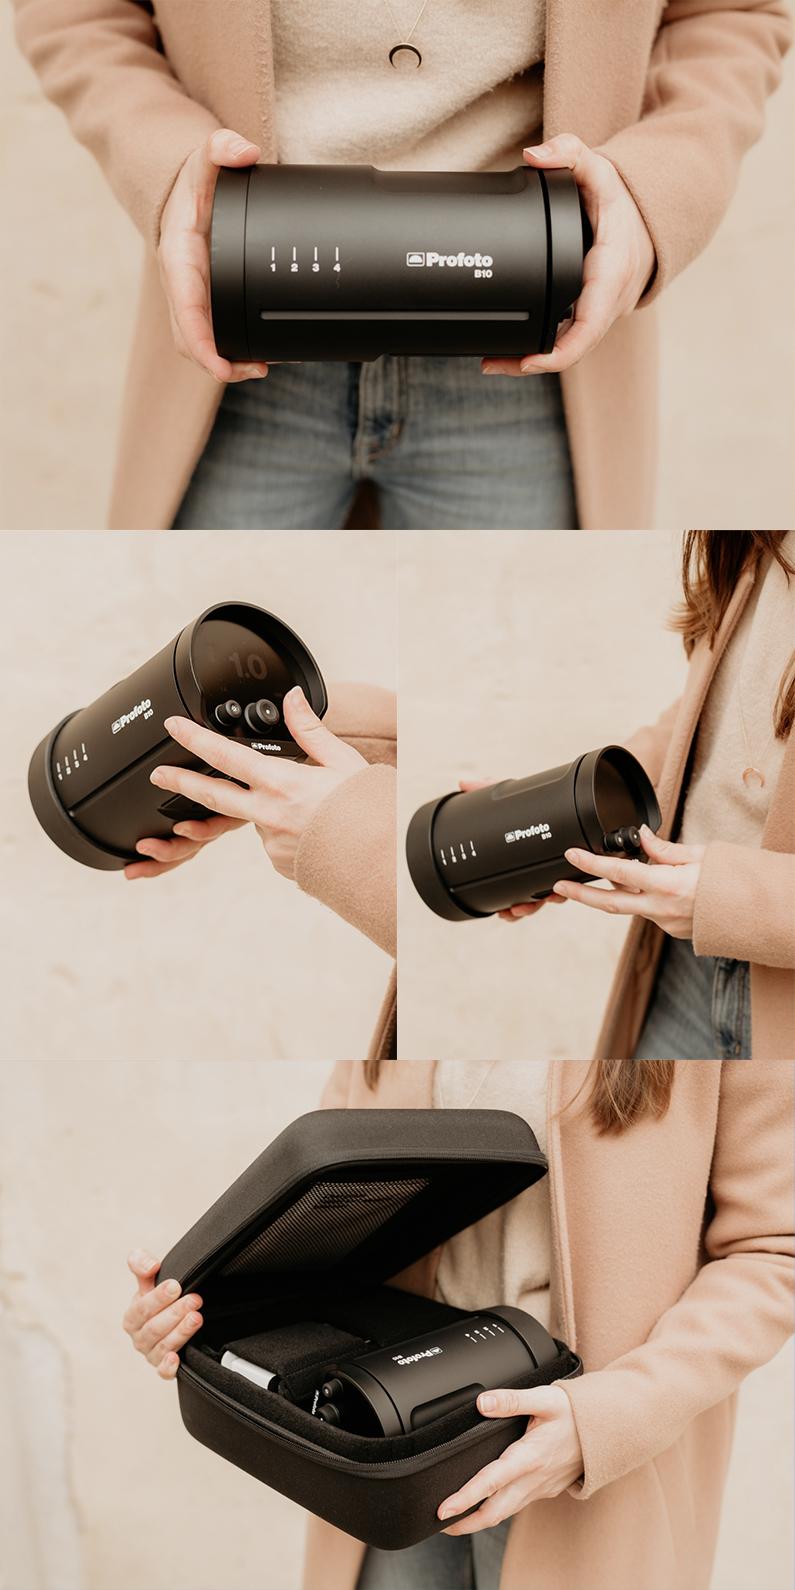 equipo de iluminación para fotografía en exterior